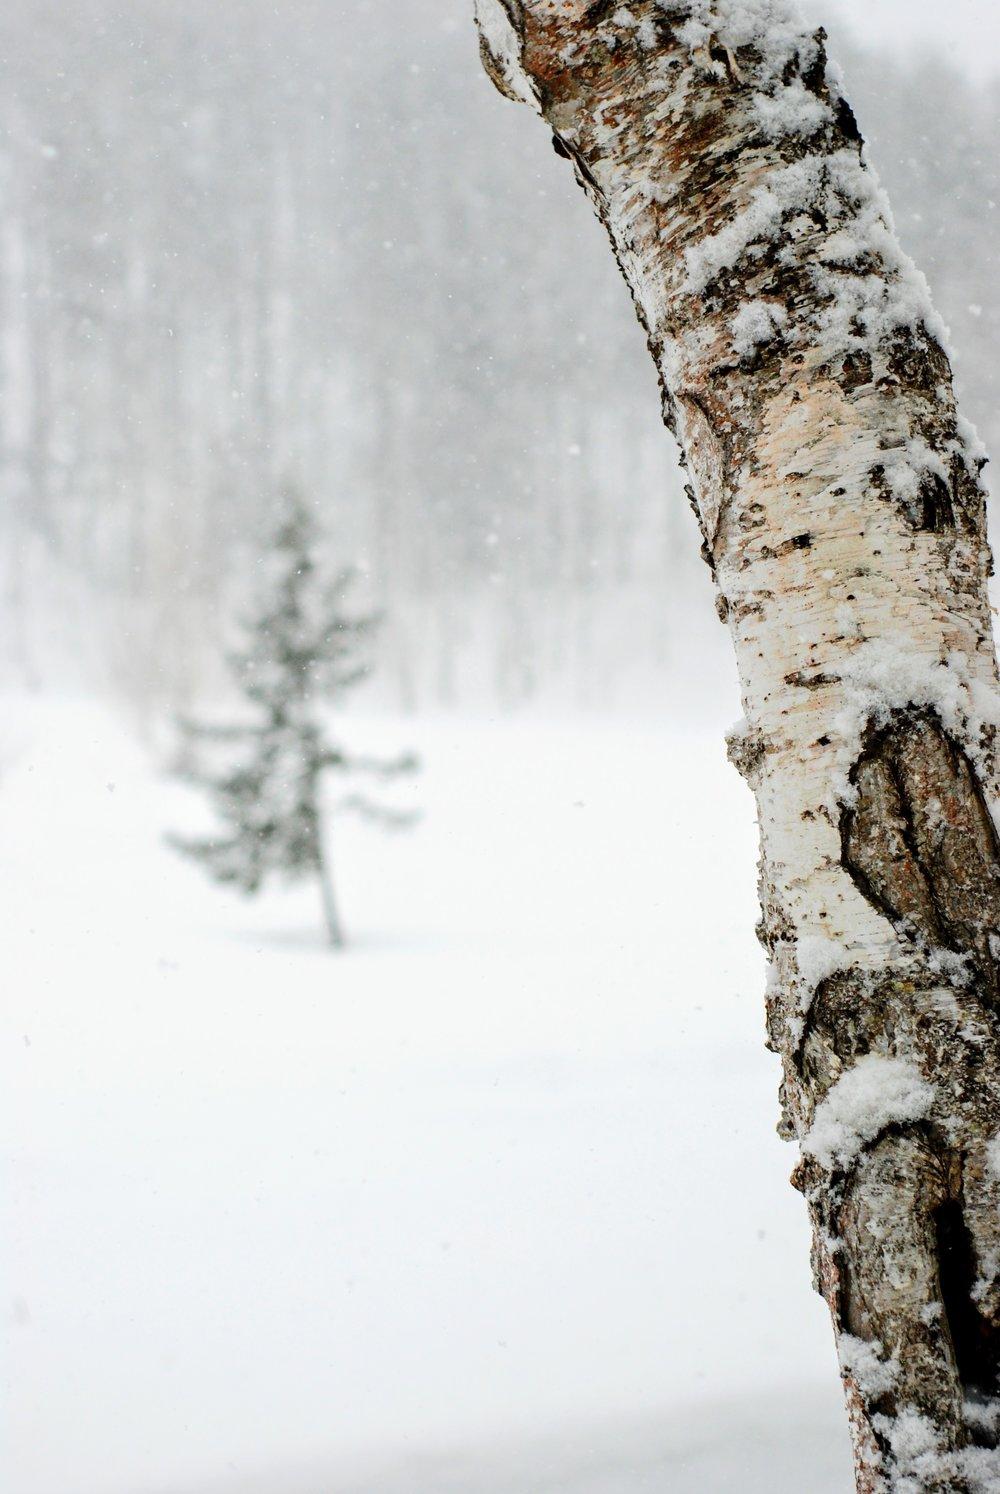 Birketræer - mange skifilm lavet i Japan er kendt for puddersne og birketræer